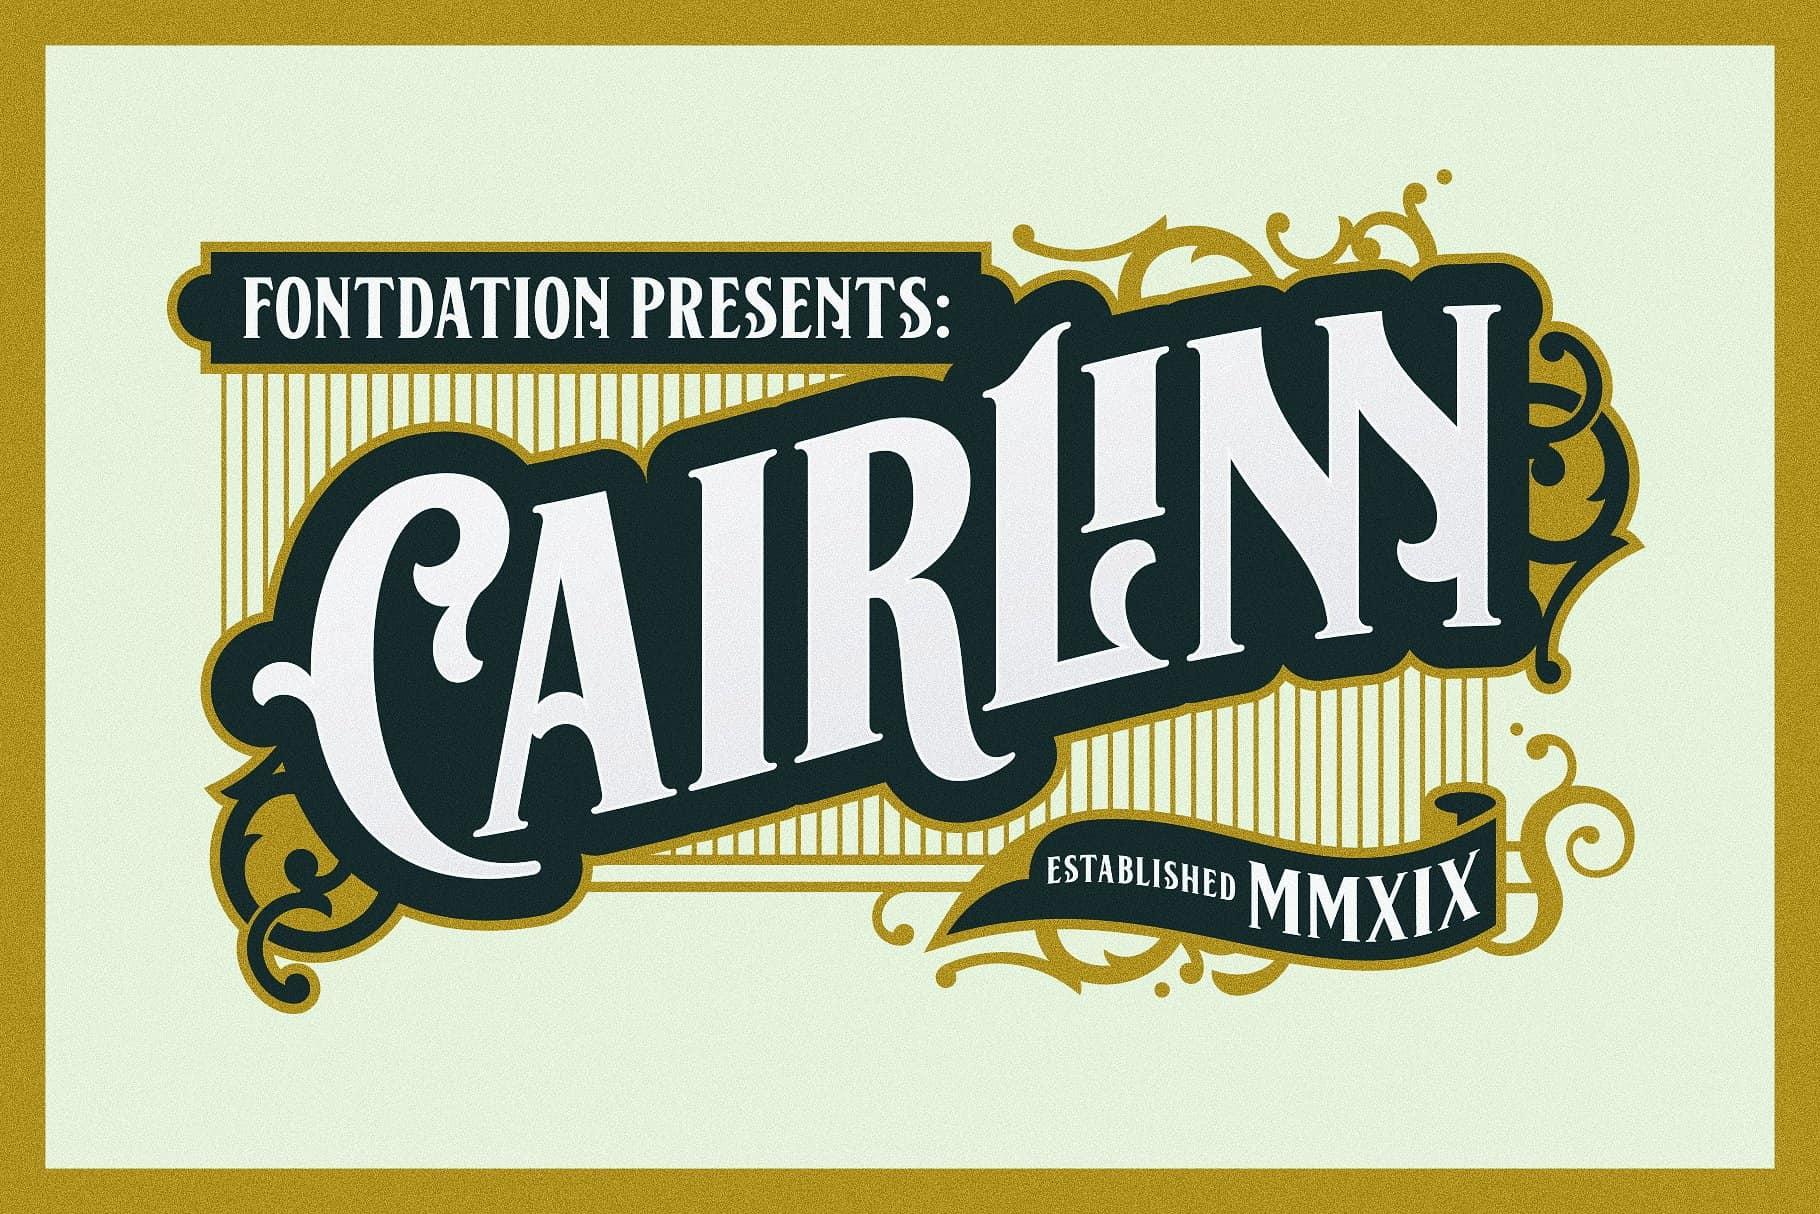 Cairlinn шрифт скачать бесплатно